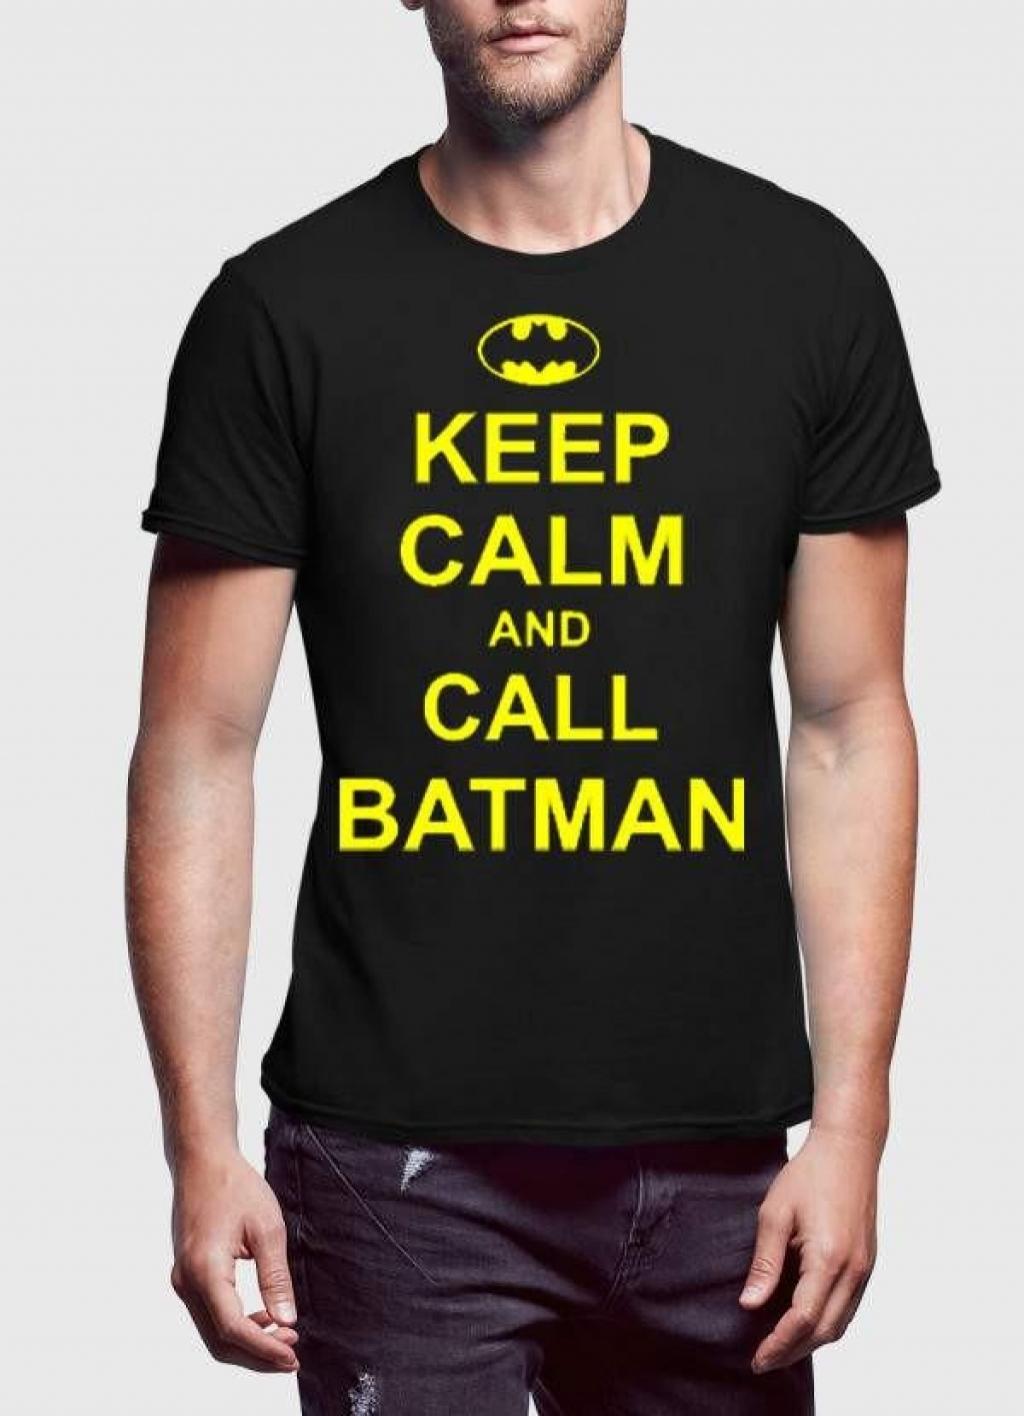 14991792890_Affordable_Keep_Calm_And_Call_Batman_T-Shirt-black.jpg